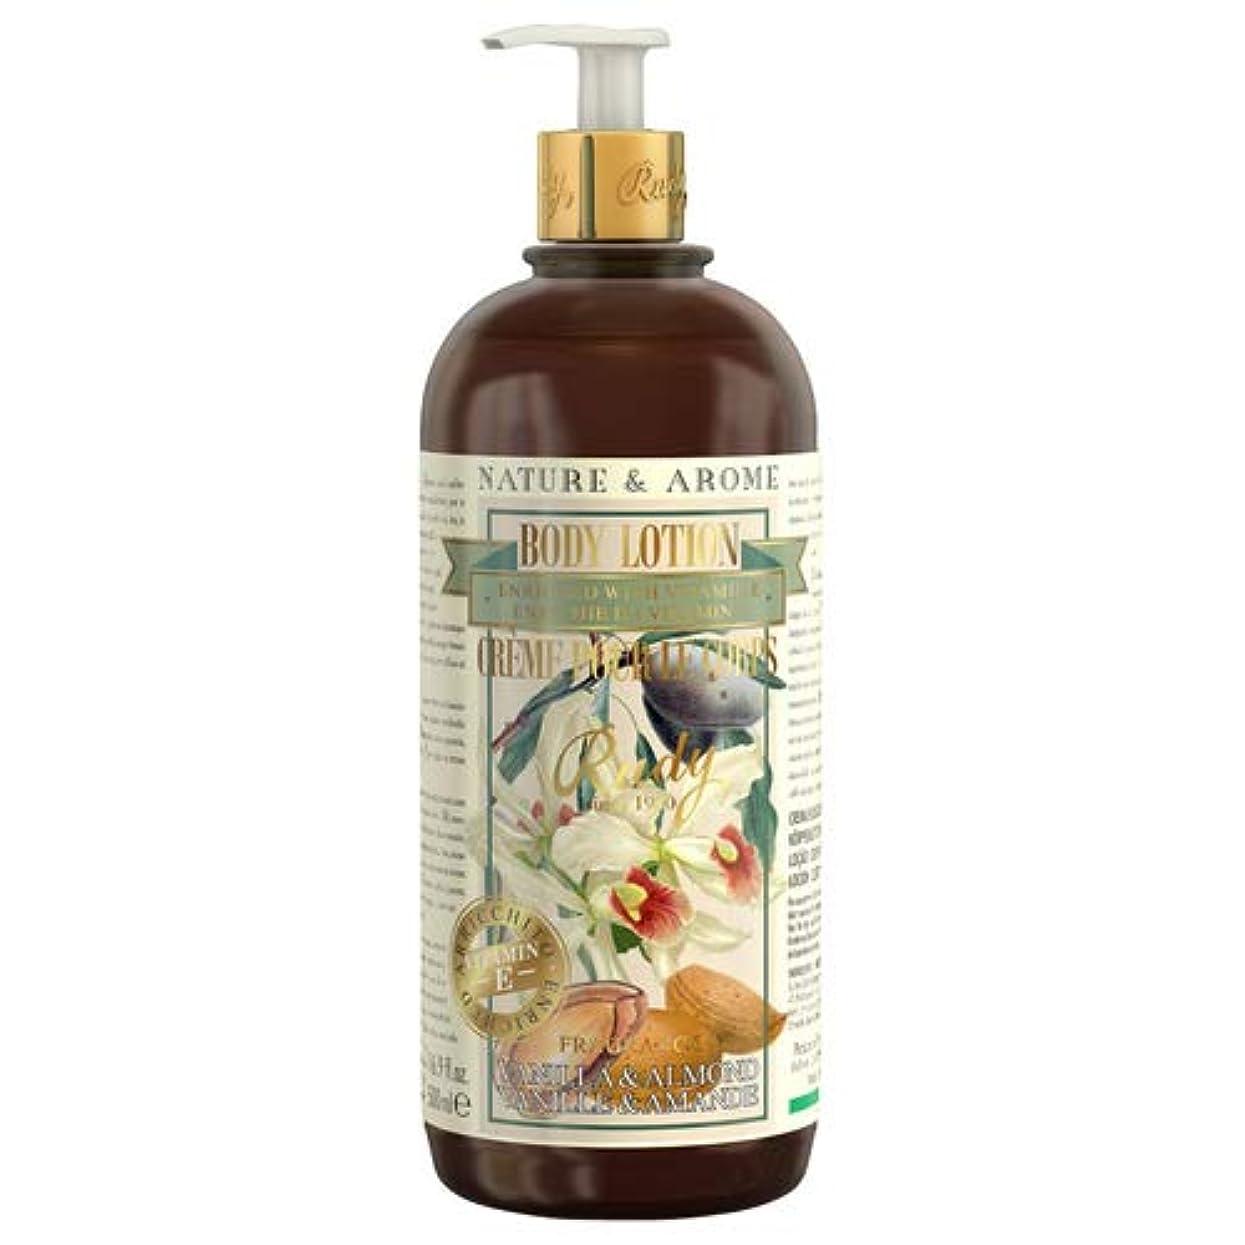 フロント先のことを考える労働RUDY Nature&Arome Apothecary ネイチャーアロマ アポセカリー Body Lotion ボディローション Vanilla & Almond バニラ&アーモンド